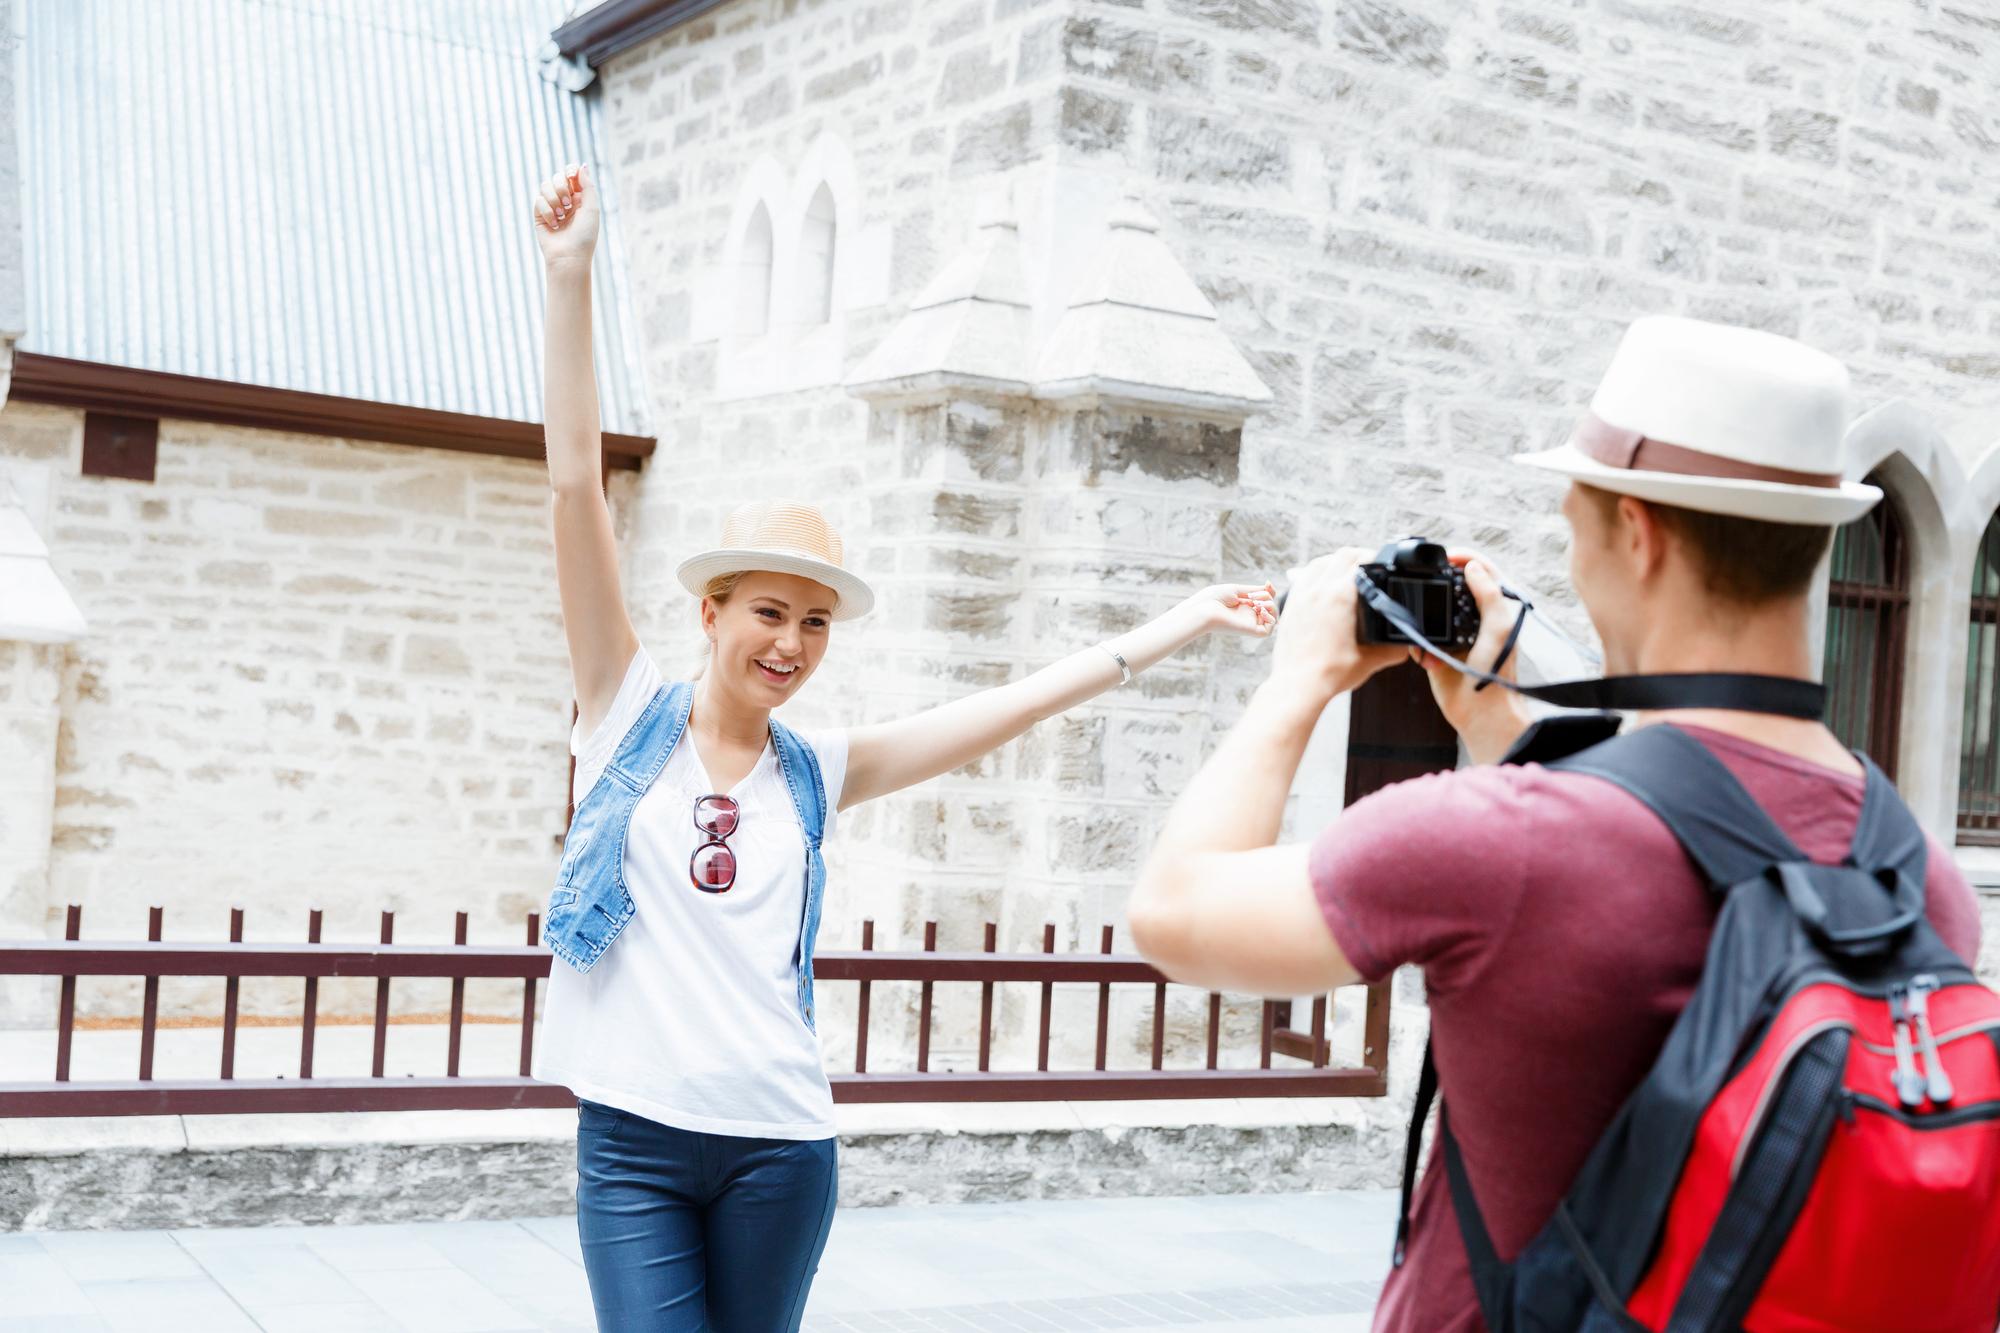 「このカメラで私の写真を撮っていただけませんか?」中学3年間の英語でデキル!日常会話(5)